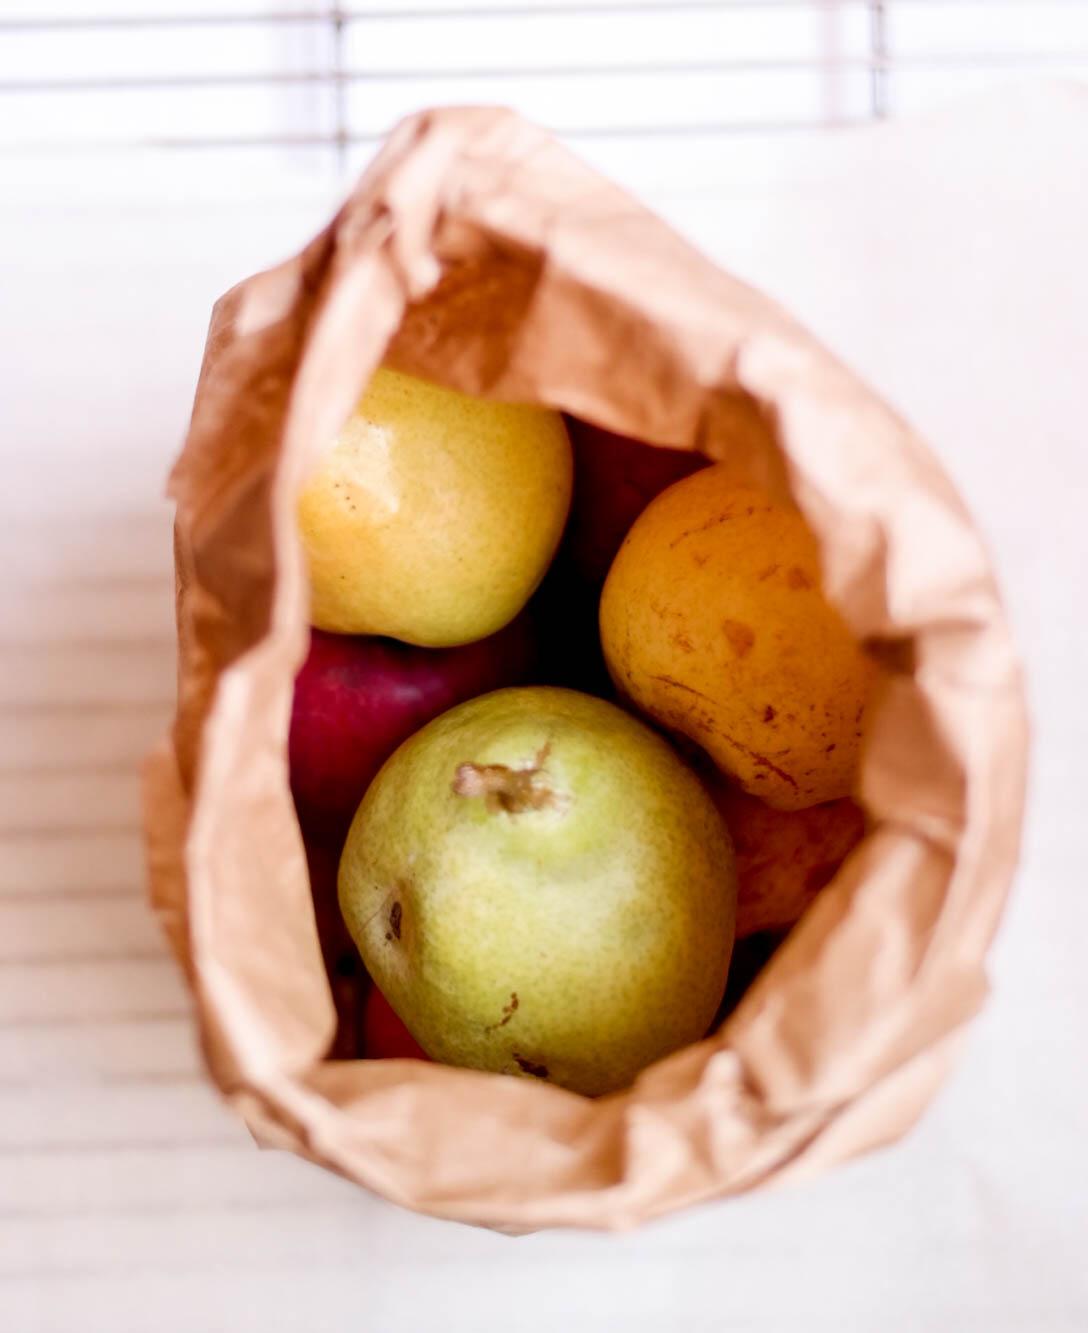 Nectarine-and-Pear-Crumble | www.8thandlake.com